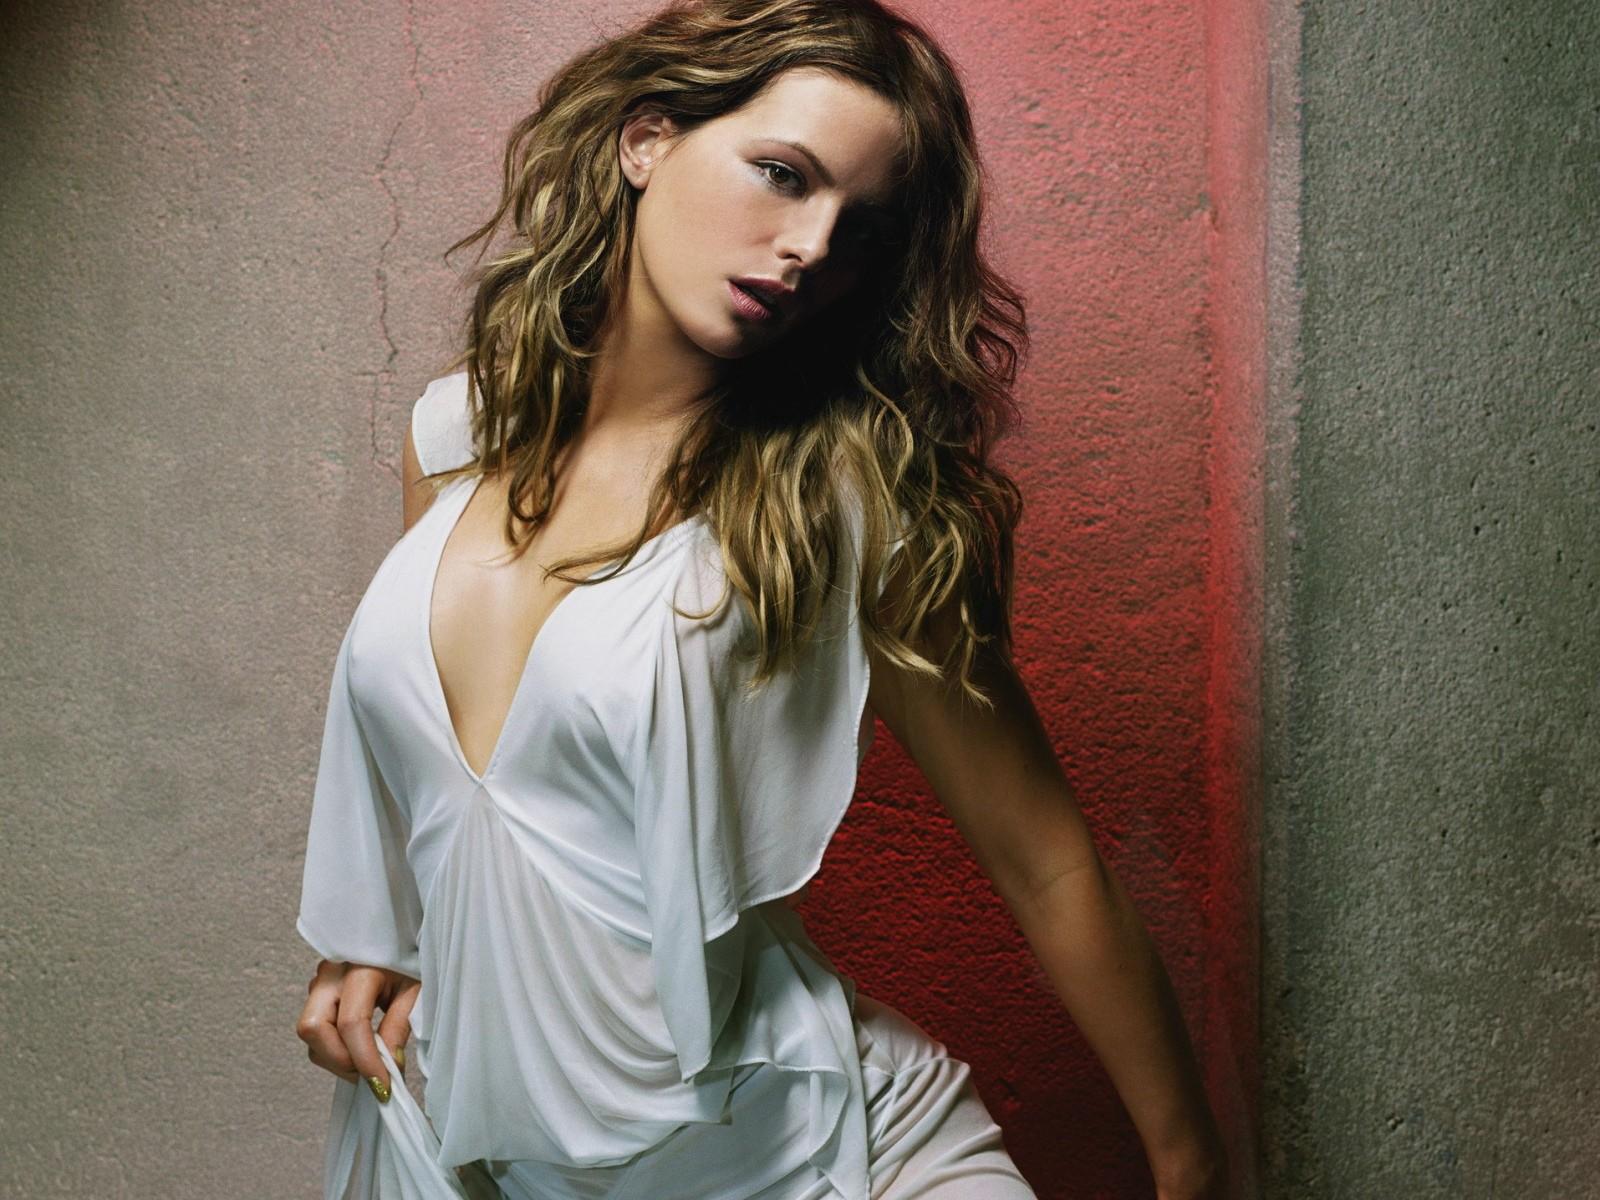 http://3.bp.blogspot.com/-UZ89e4hixsE/UNz3c0pCfaI/AAAAAAAAJuQ/xjxV7sJg0WY/s1600/Kate_Beckinsale7.jpg